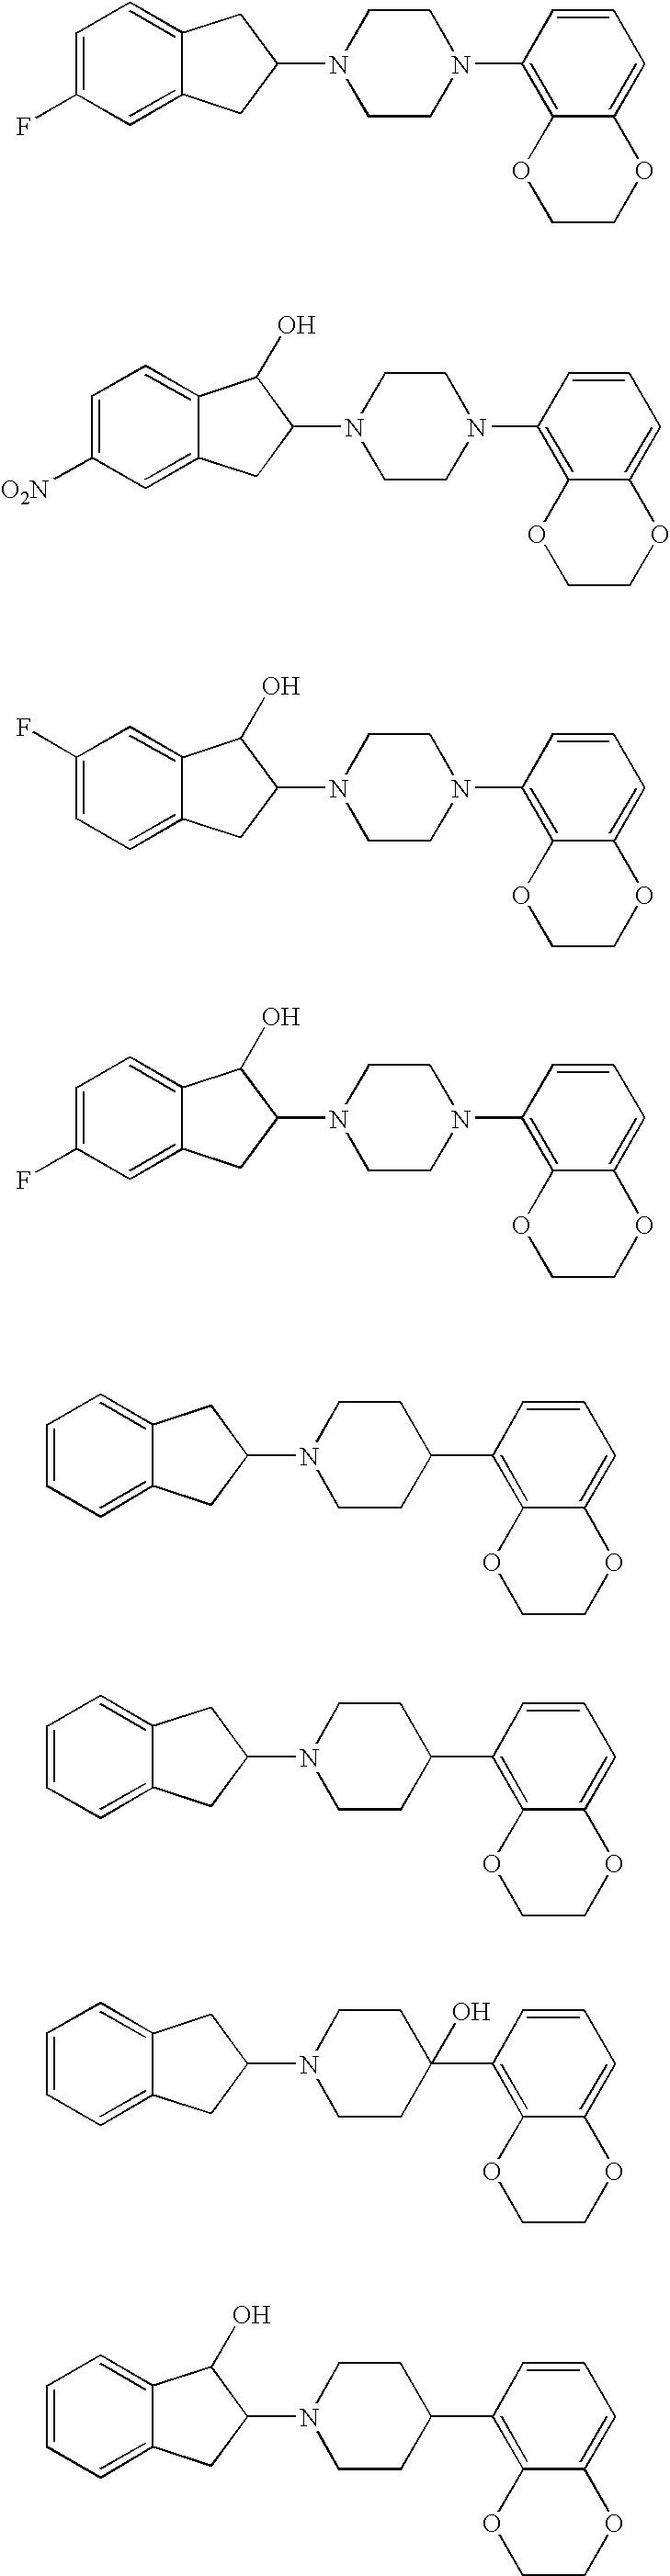 Figure US20100009983A1-20100114-C00194